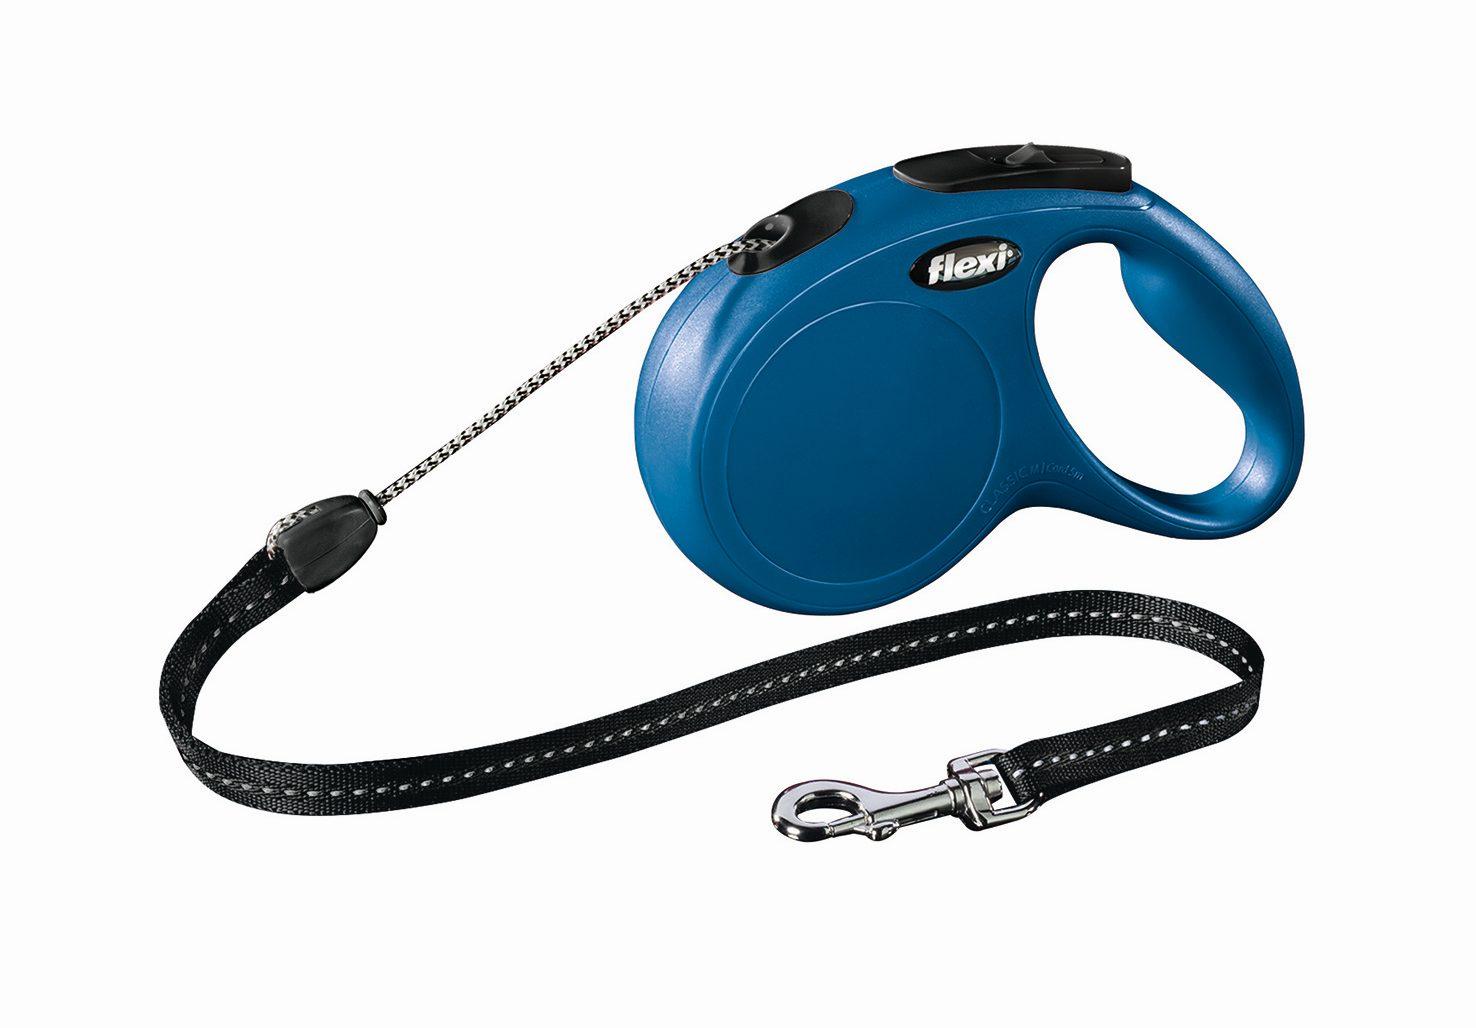 Поводок-рулетка Flexi Classic Long M для собак до 20 кг, цвет: синий, 8 м022818Поводок-рулетка Flexi Classic Long M изготовлен из пластика и нейлона. Подходит для собак весом до 20 кг. Тросовый поводок обеспечивает каждой собаке свободу движения, что идет на пользу здоровью и радует вашего четвероногого друга. Рулетка очень проста в использовании. Она оснащена кнопками кратковременной и постоянной фиксации. Ее можно оснастить мультибоксом для лакомств или пакетиков для сбора фекалий, LED подсветкой корпуса, своркой или ремнем с LED подсветкой. Поводок имеет прочный корпус, хромированную застежку и светоотражающие элементы. Длина поводка: 8 м. Максимальная нагрузка: 20 кг. Товар сертифицирован.